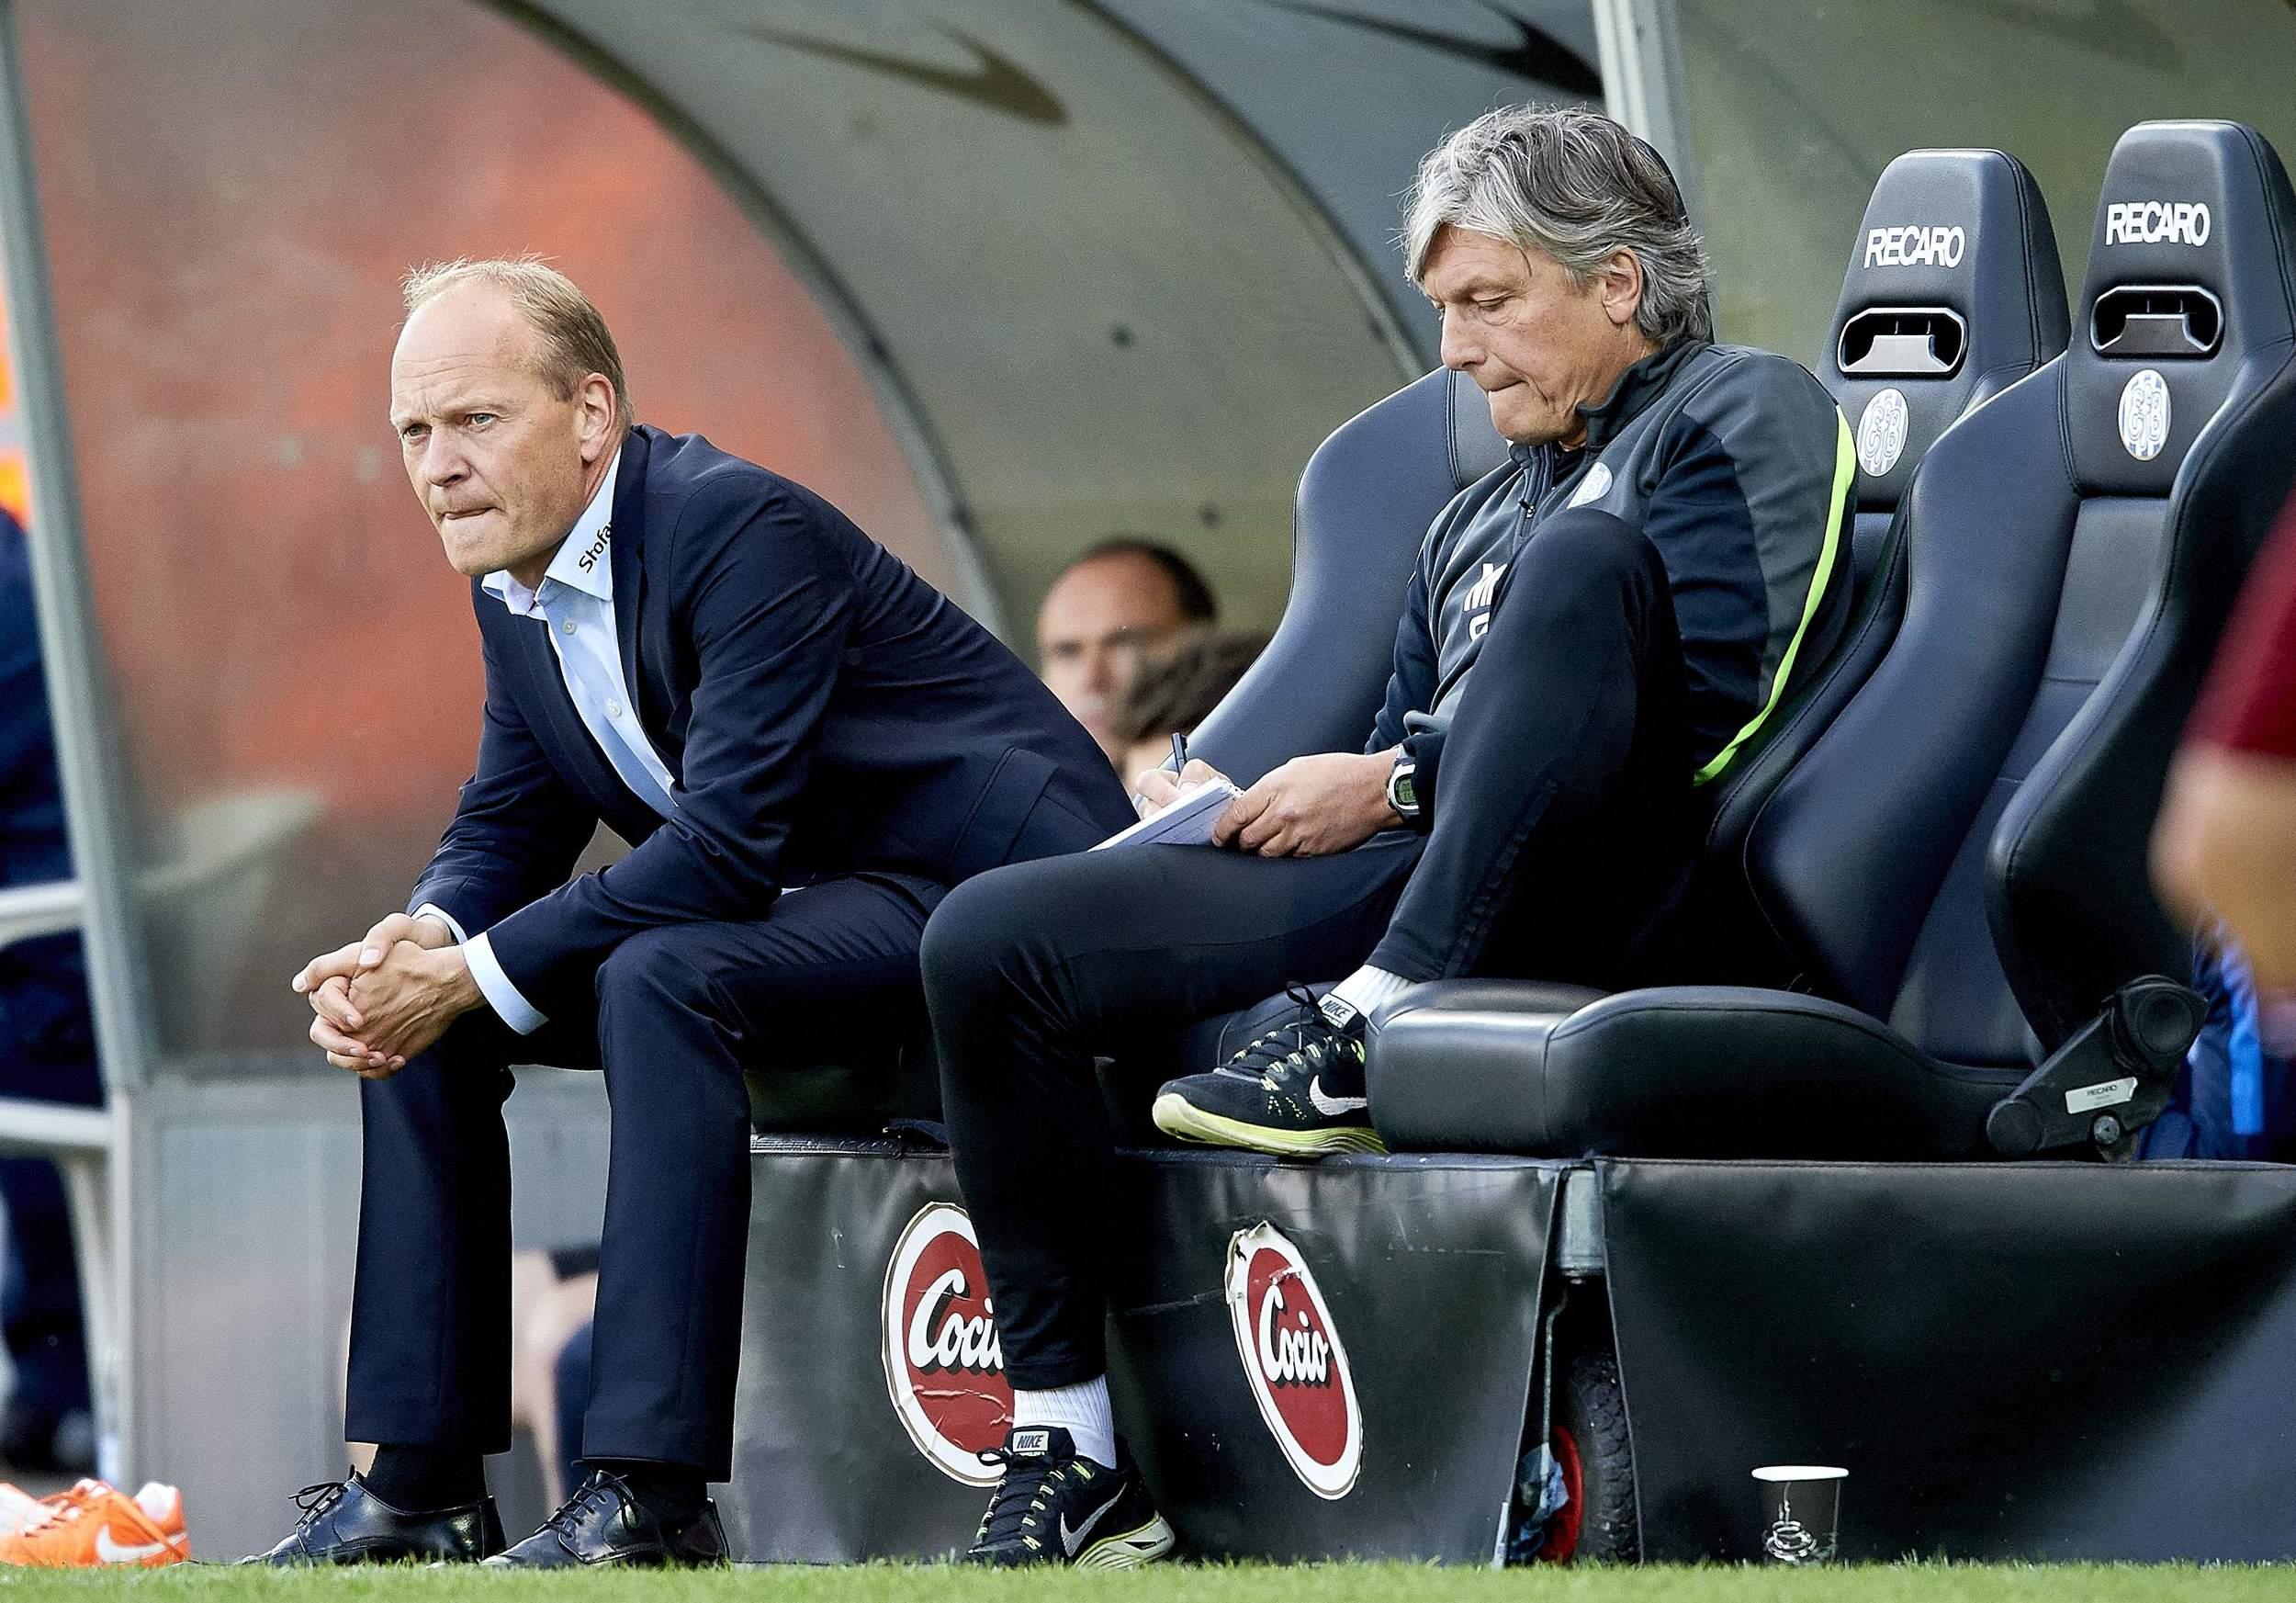 Cheftrænerne går ud og ind. Her sidder Niels Frederiksen på bænken. Men manden ved siden af, Michael 'Mex' Pedersen går igen. Foto: Getty Images/Lars Rønbøg